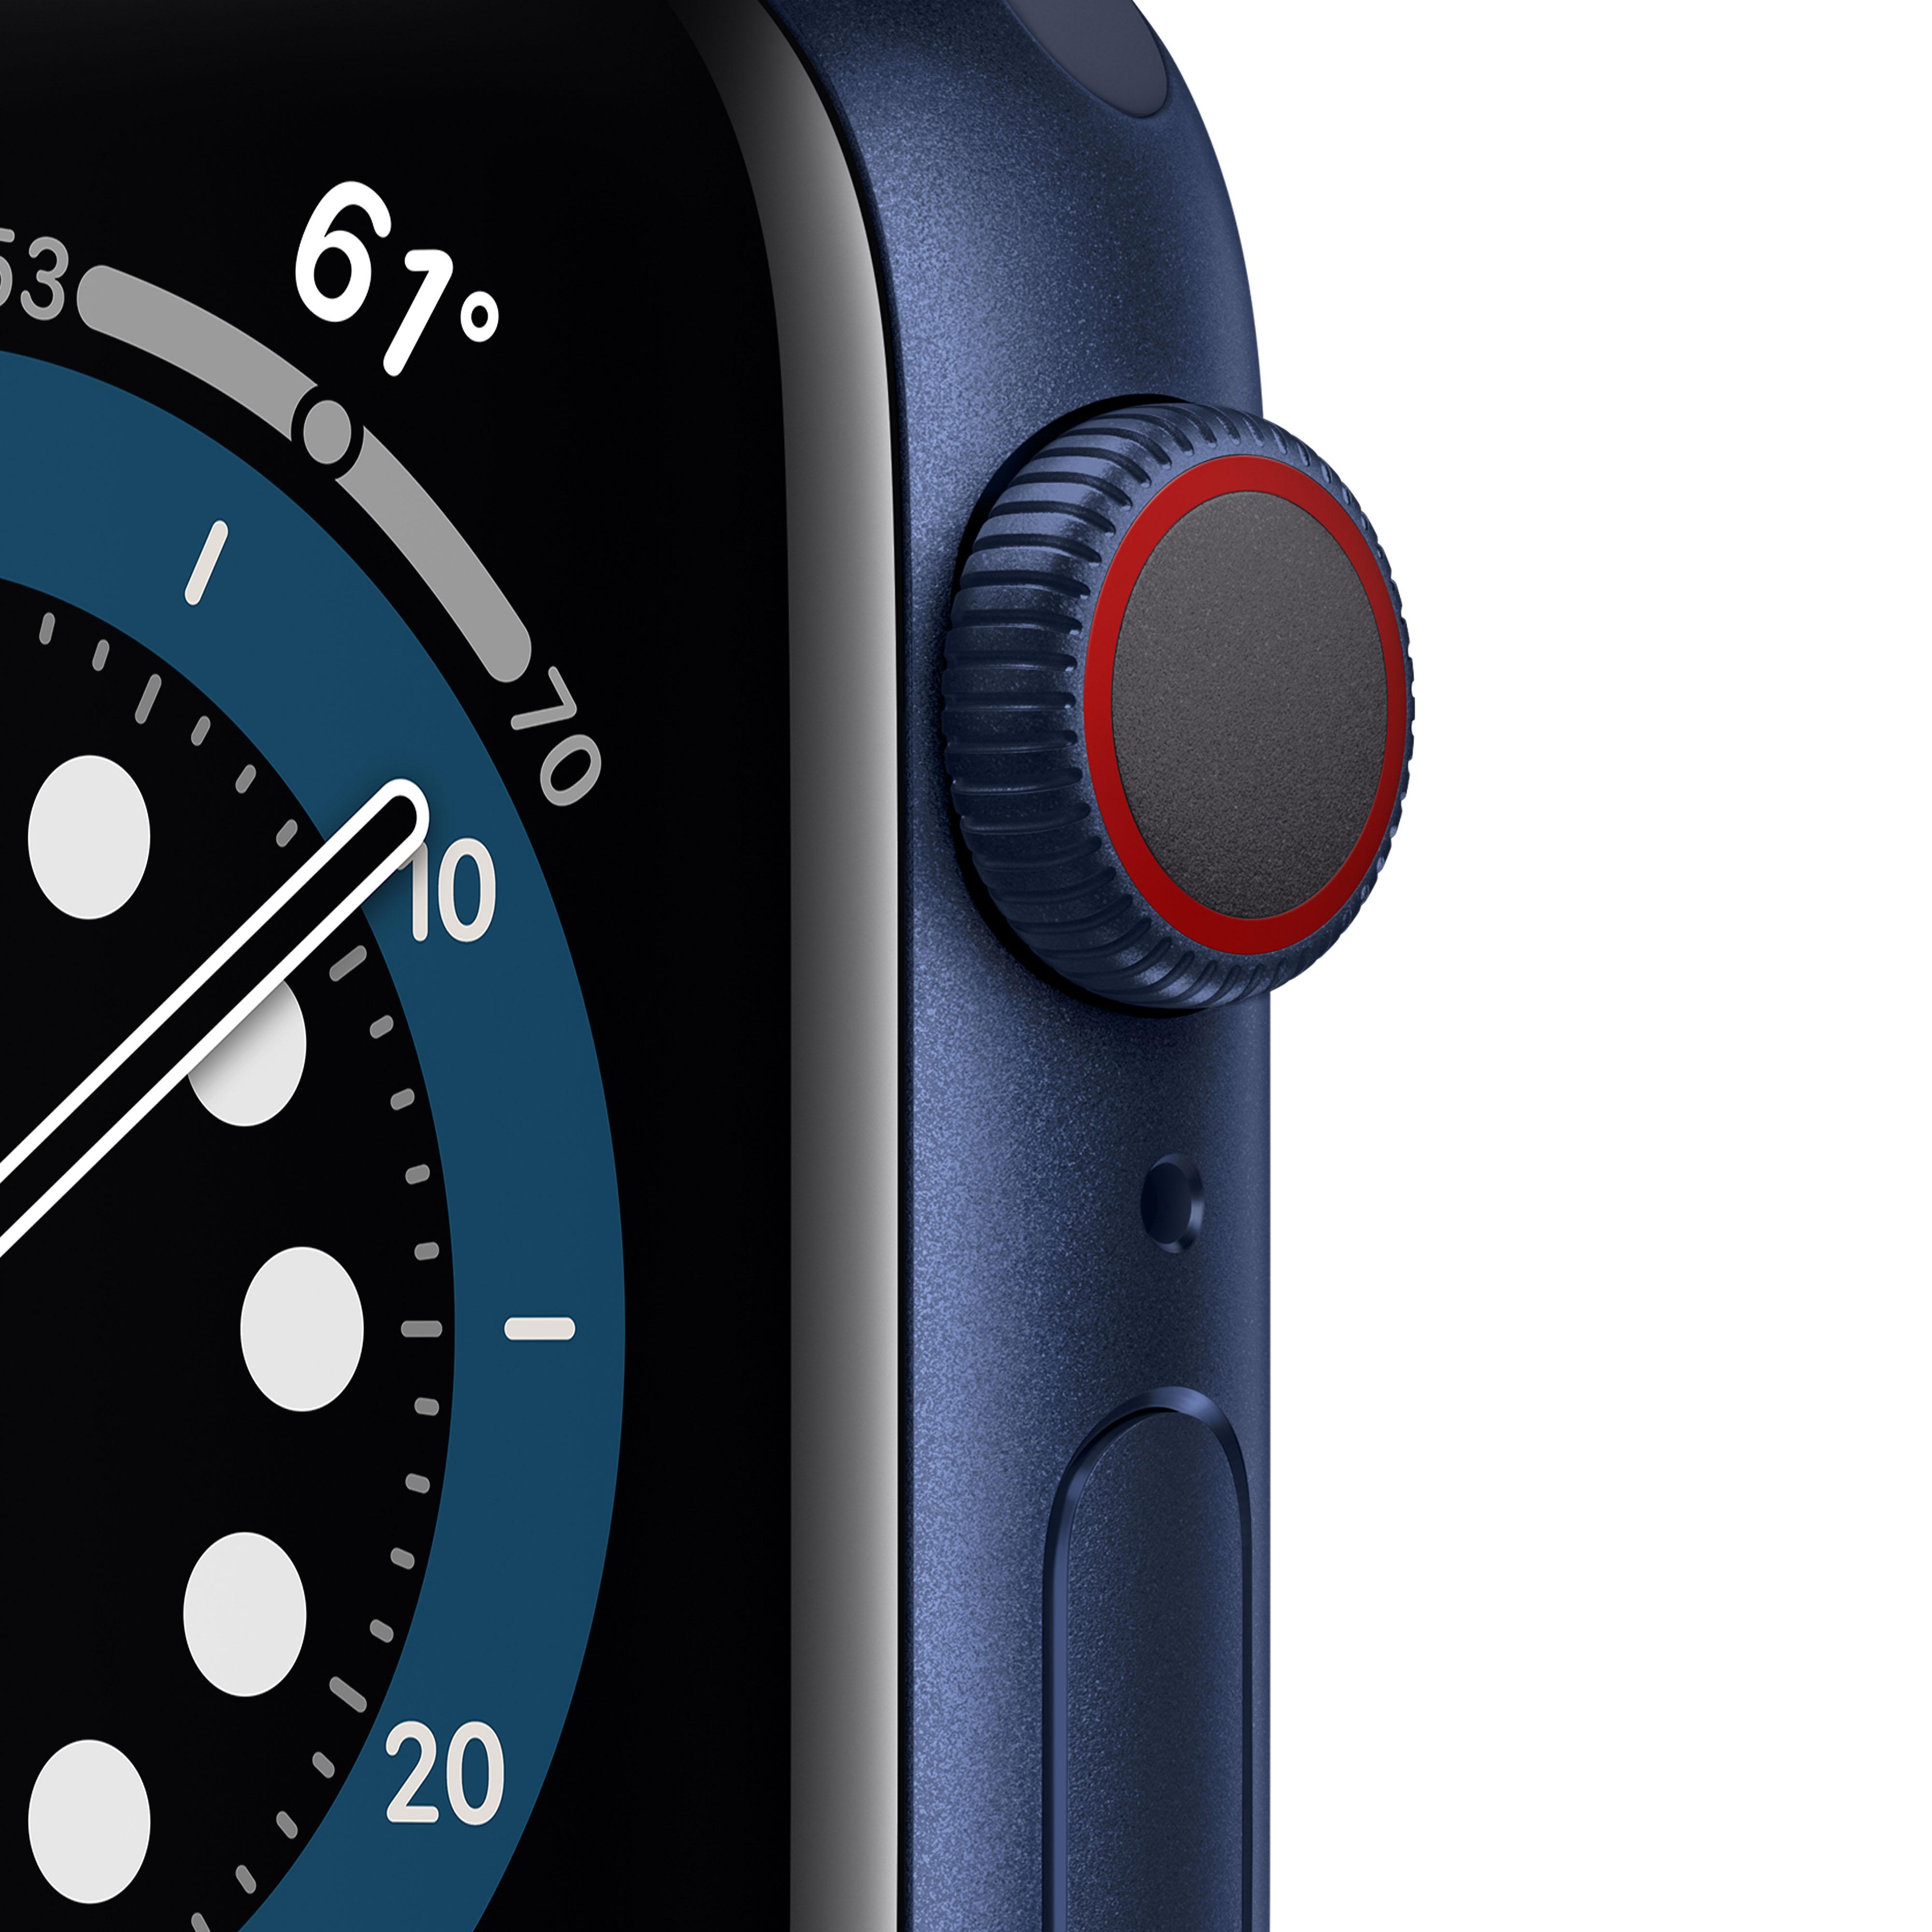 Apple_Watch_Series_6_LTE_40mm_Blue_Aluminum_Deep_Navy_Sport_Band_PDP_Image_Position-2__WWEN.png